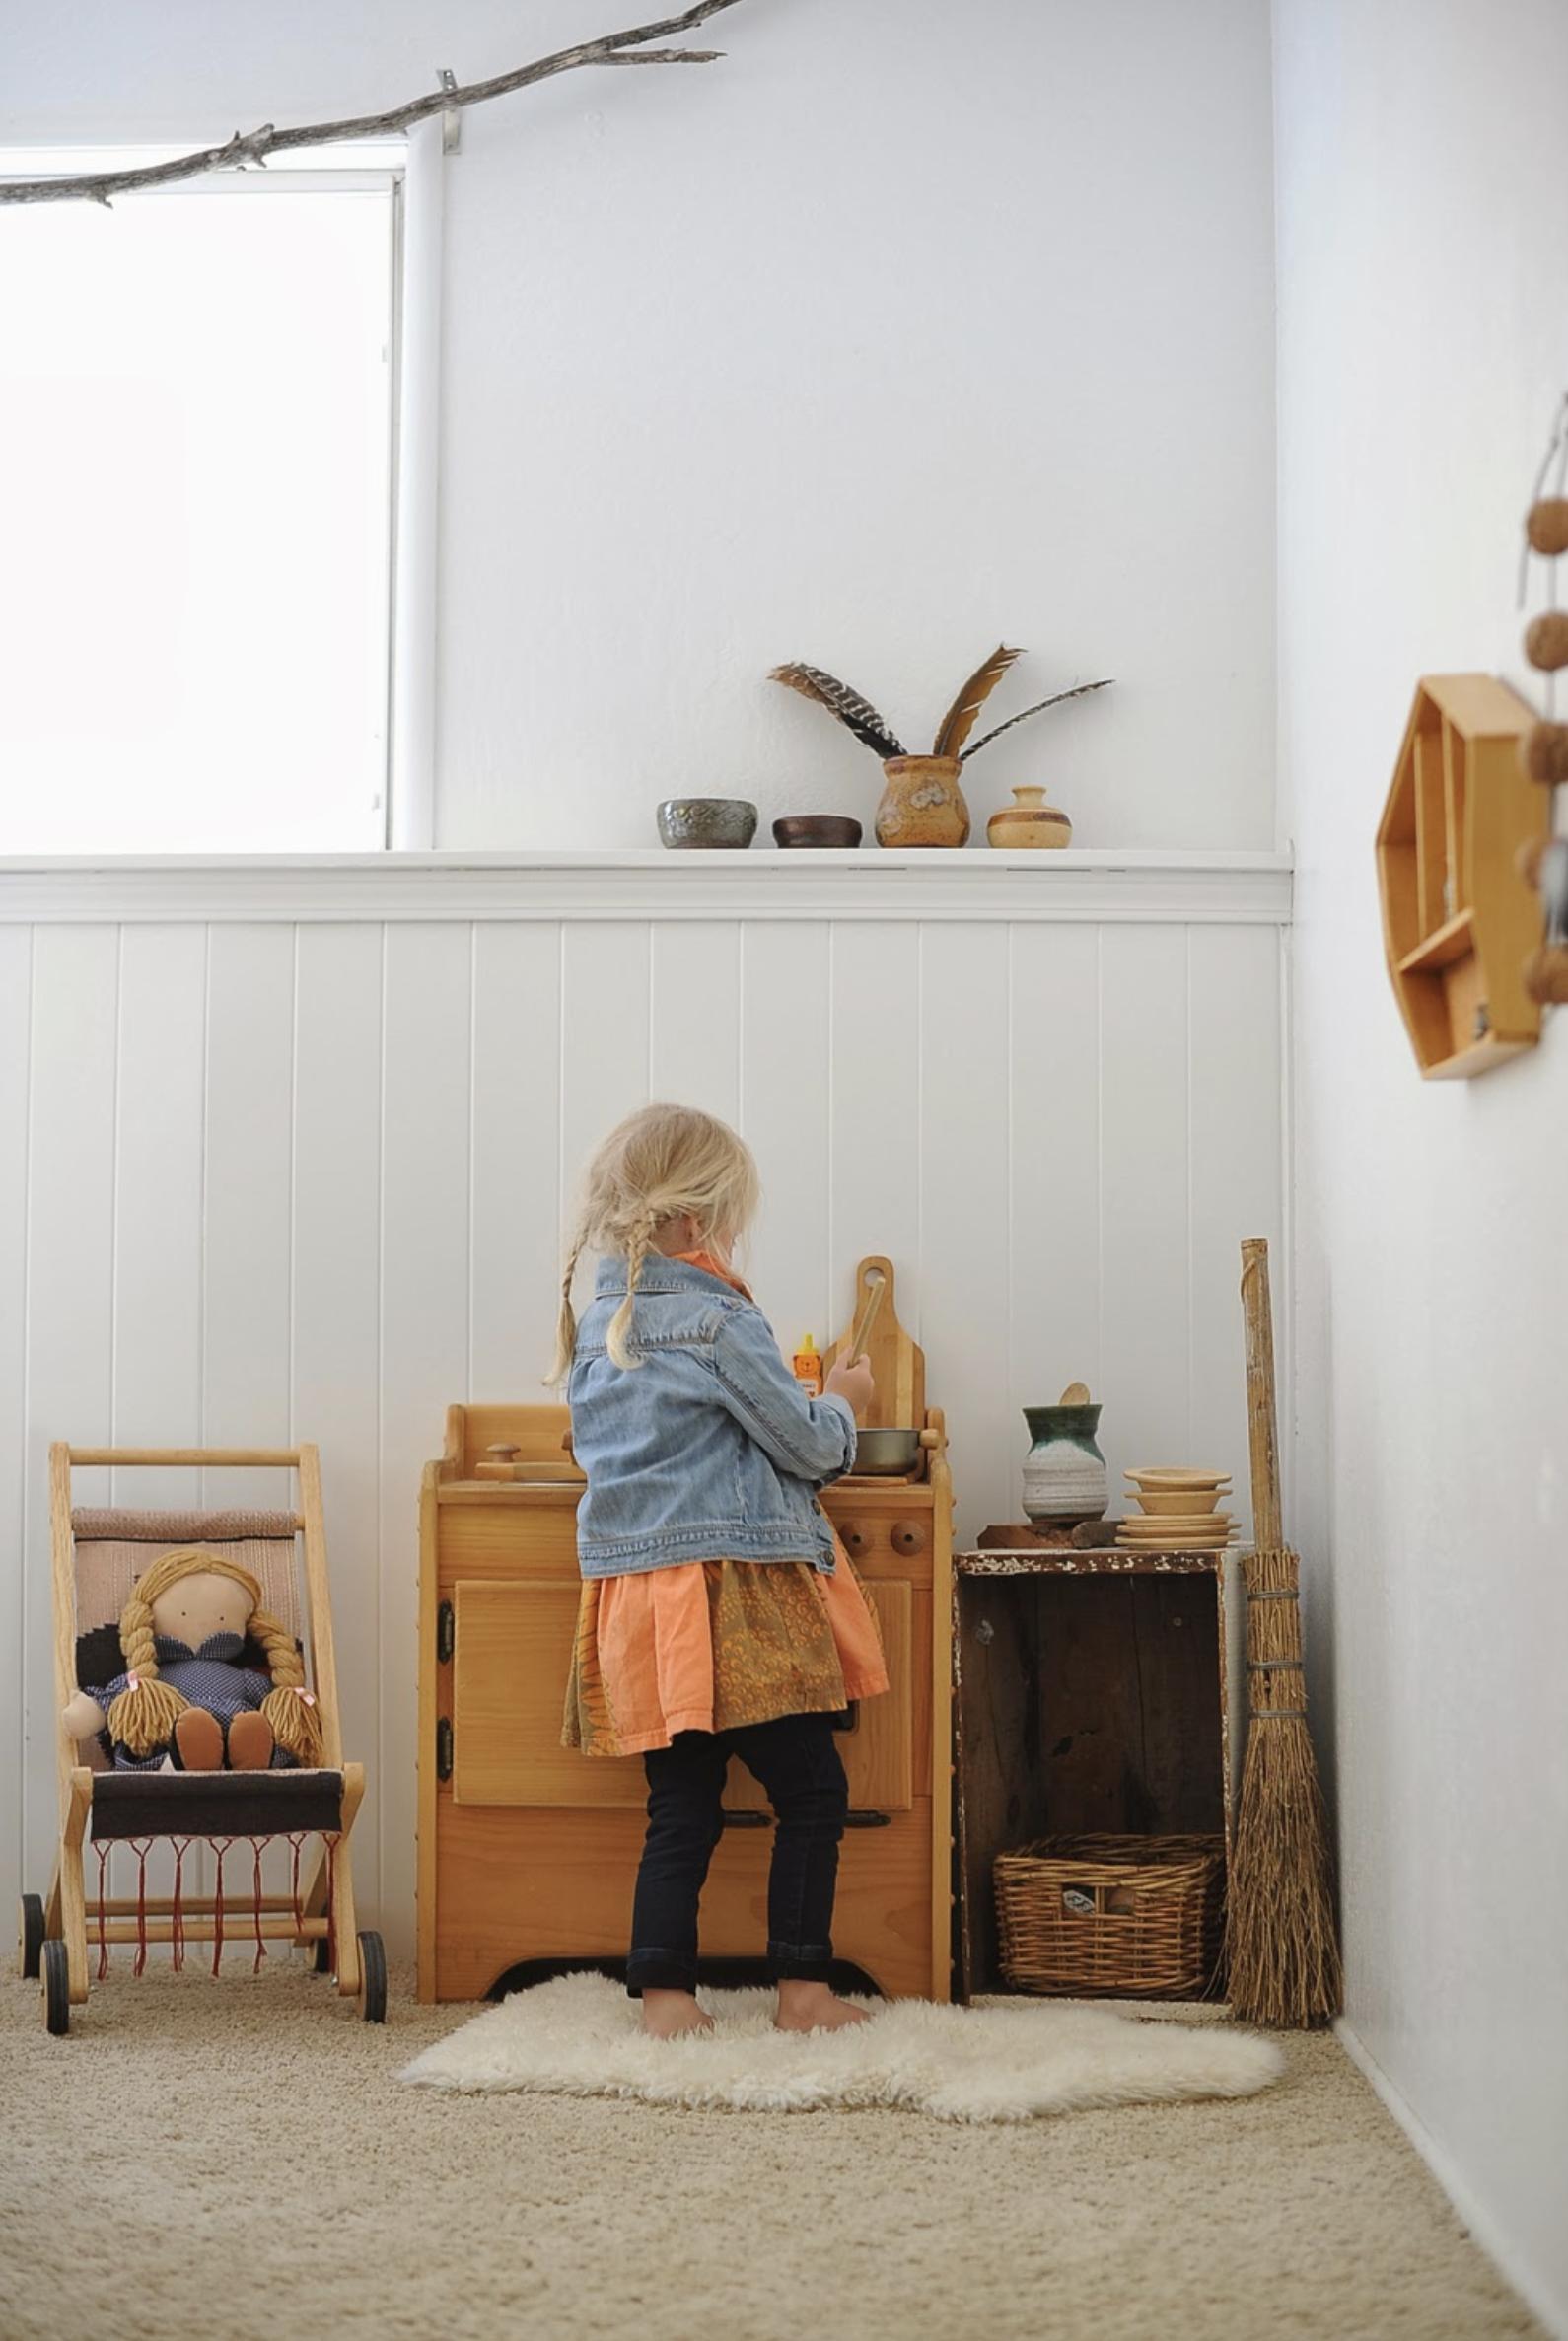 Pin von Julia Müller auf Kinderzimmer | Pinterest | Nachgemacht ...